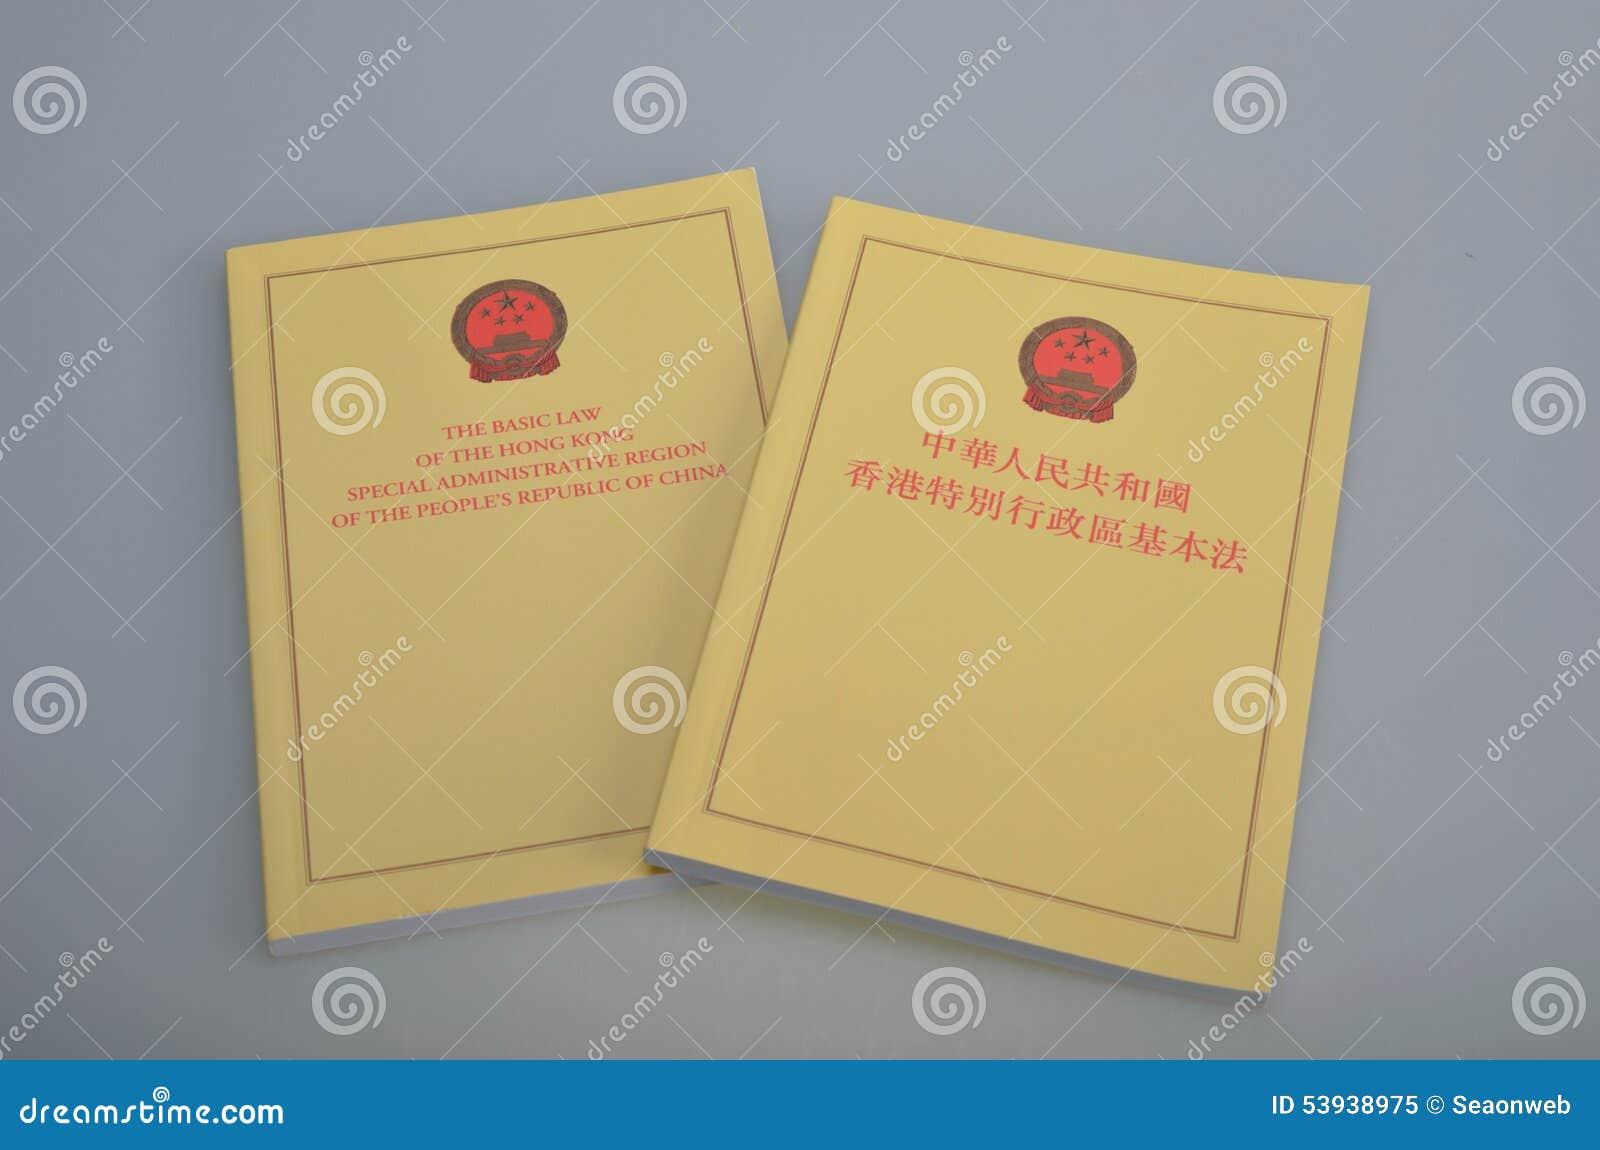 基本法书香港